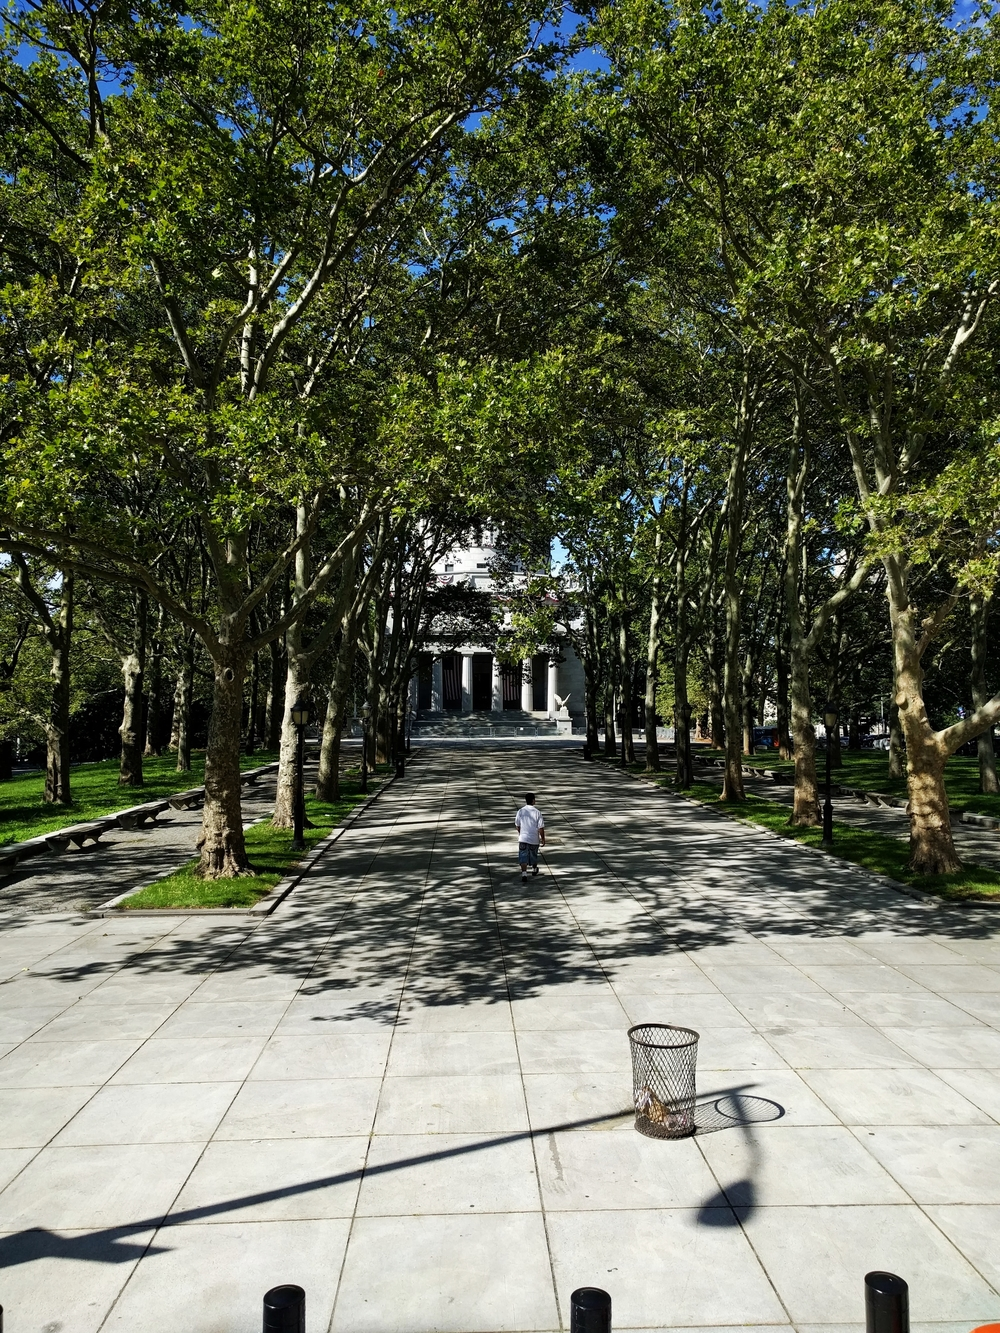 General Grant's tomb/memorial